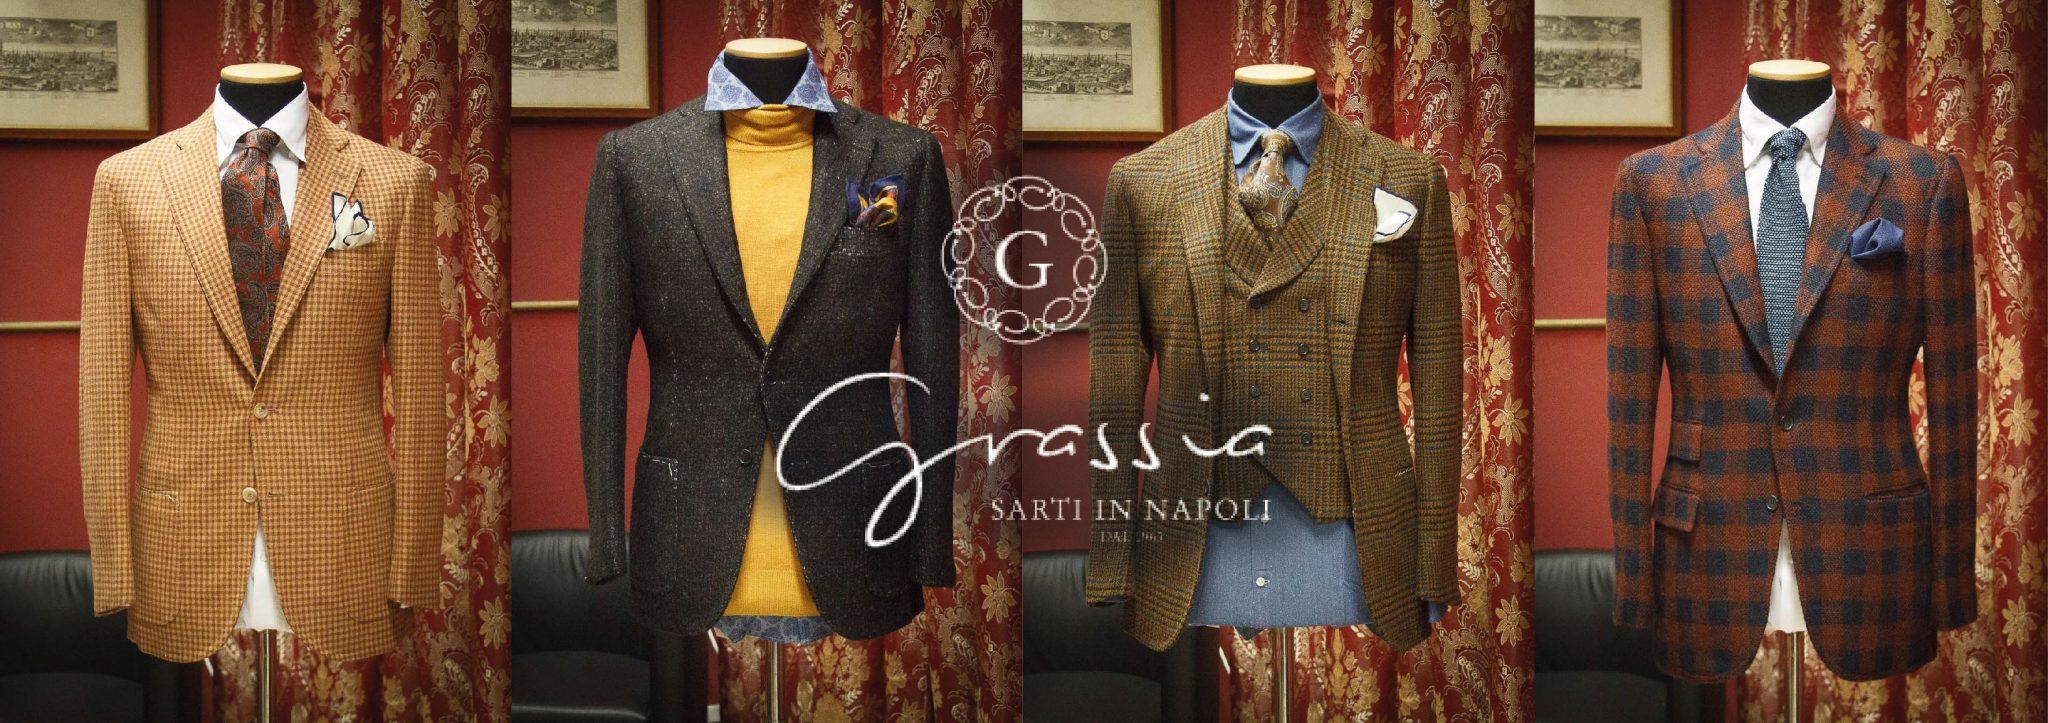 La Sartoria Grassia «Pop-Up Workshop»